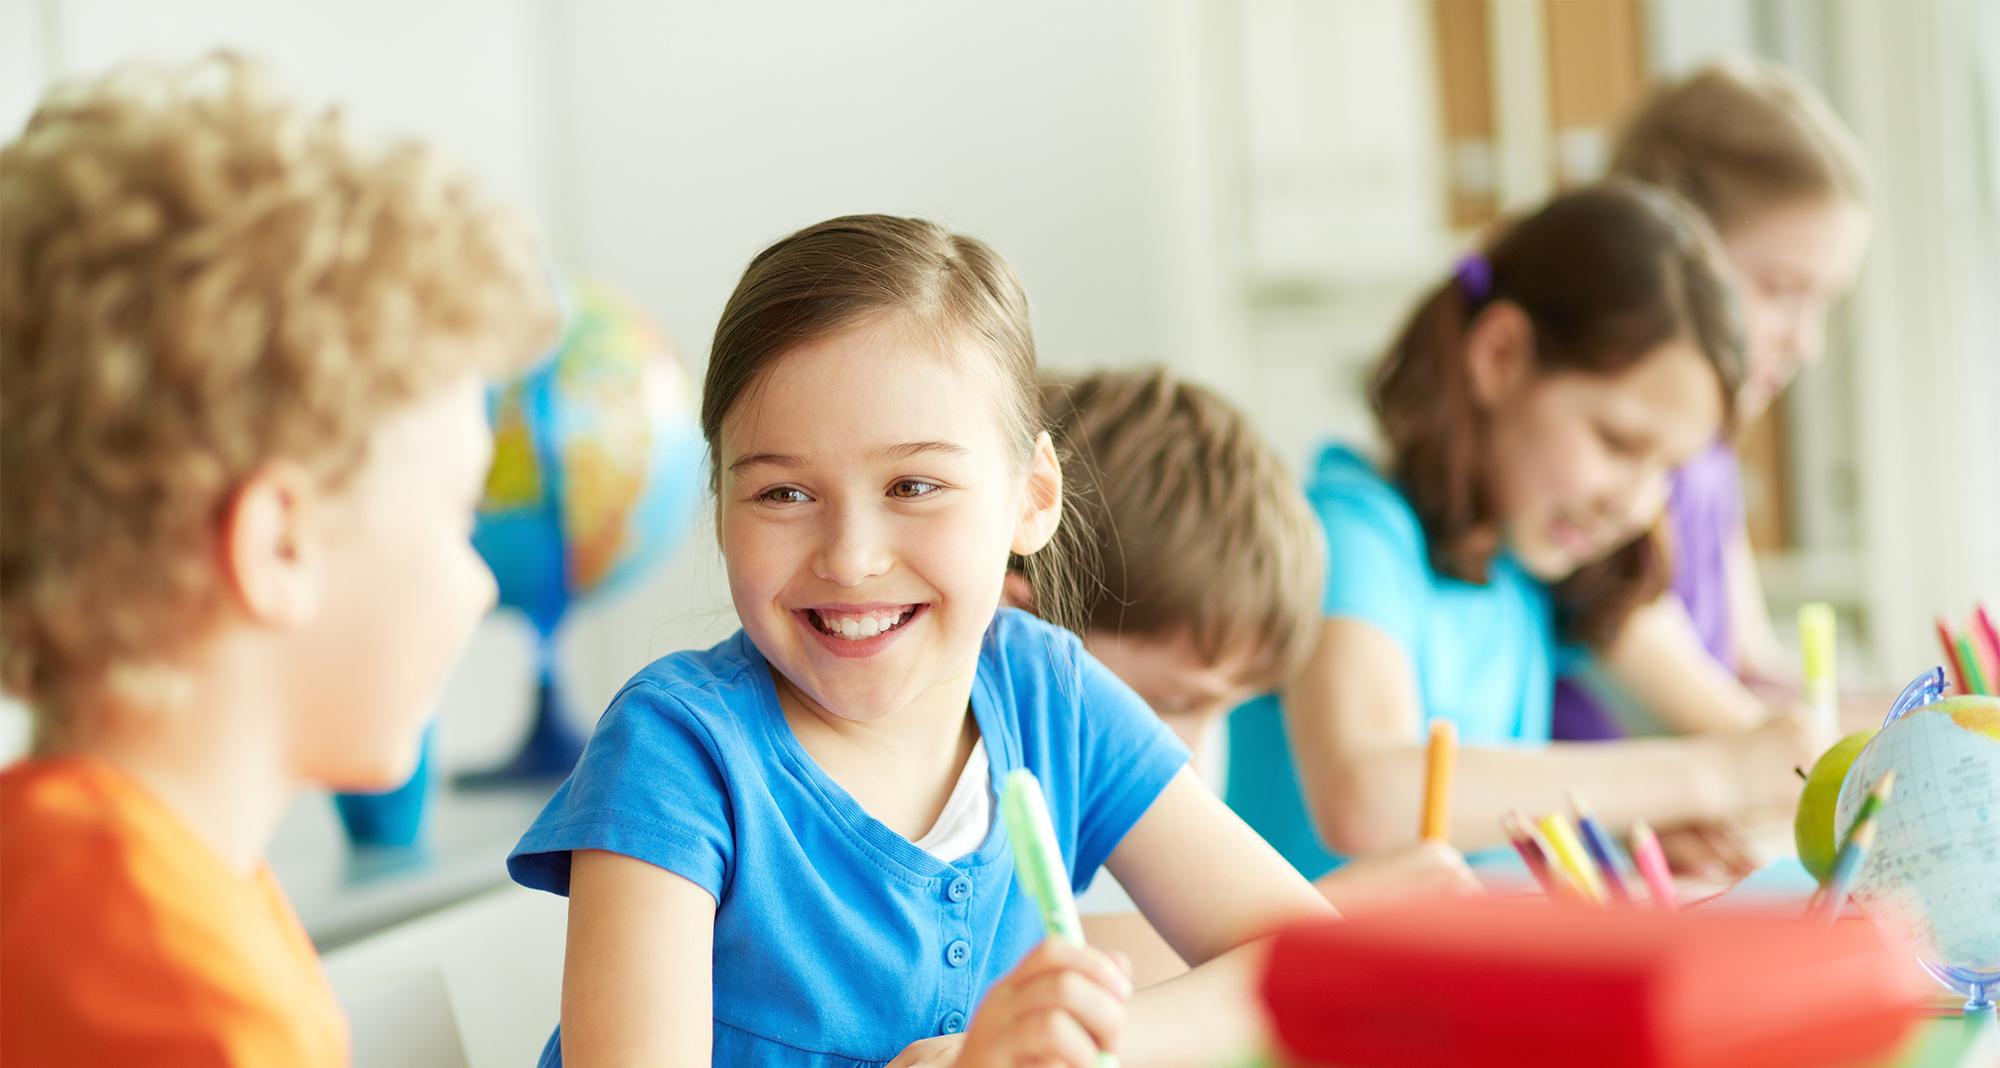 Copii in clasa la grupa de incepatori la limba engleza